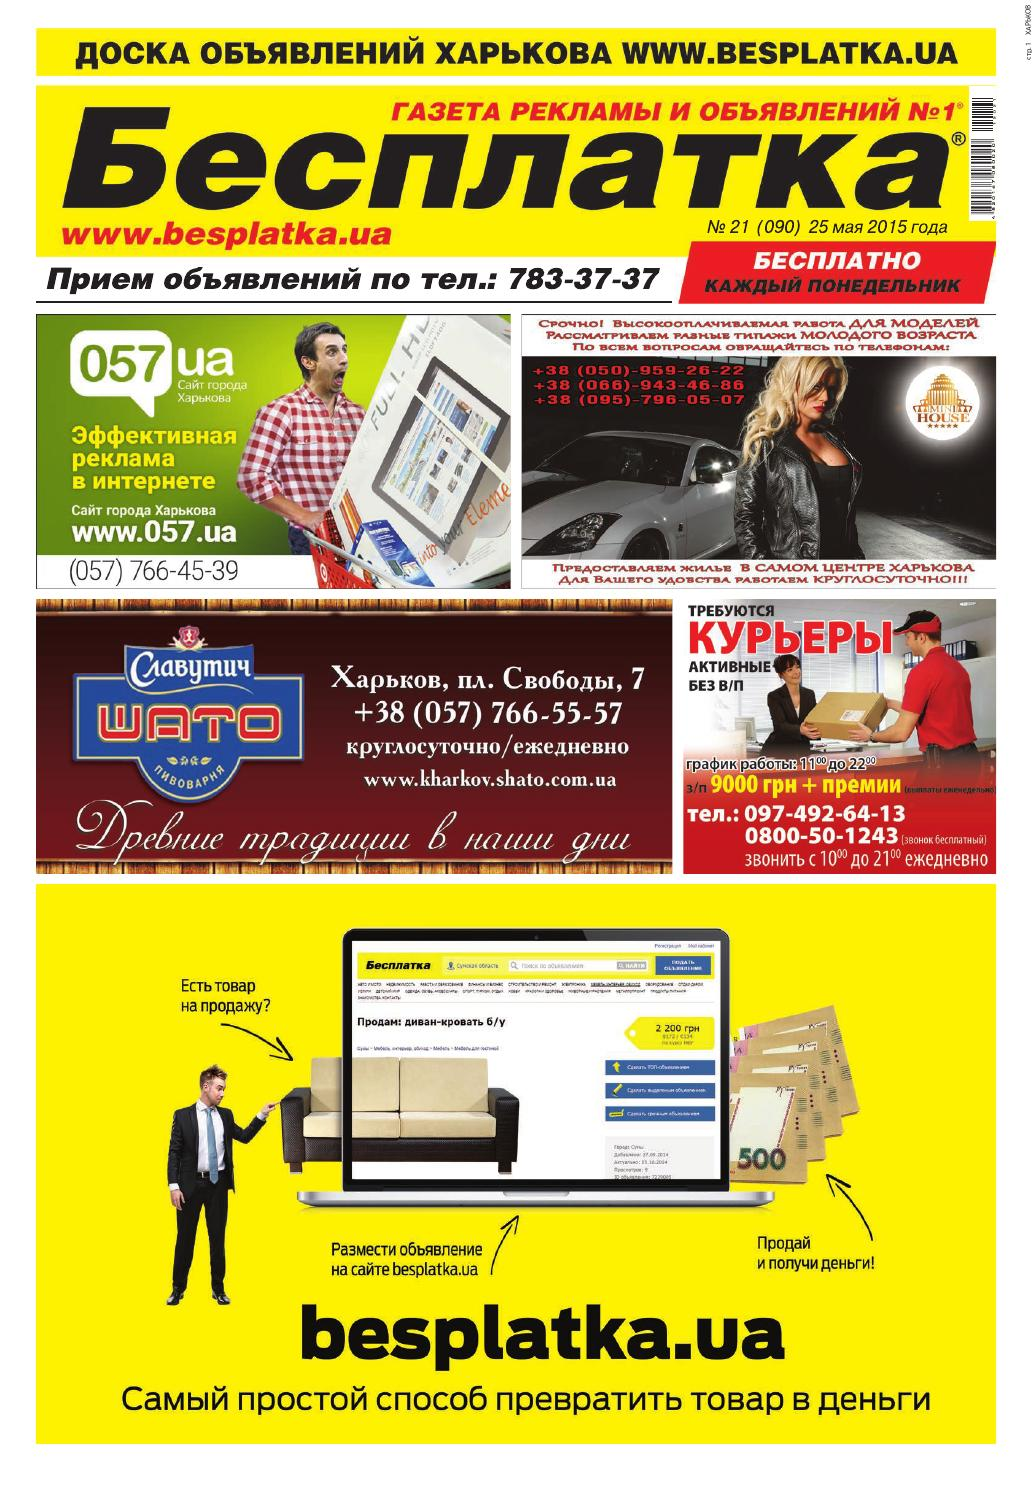 53dfaacc452f Besplatka_25.05.2015_Kharkov by besplatka ukraine - issuu